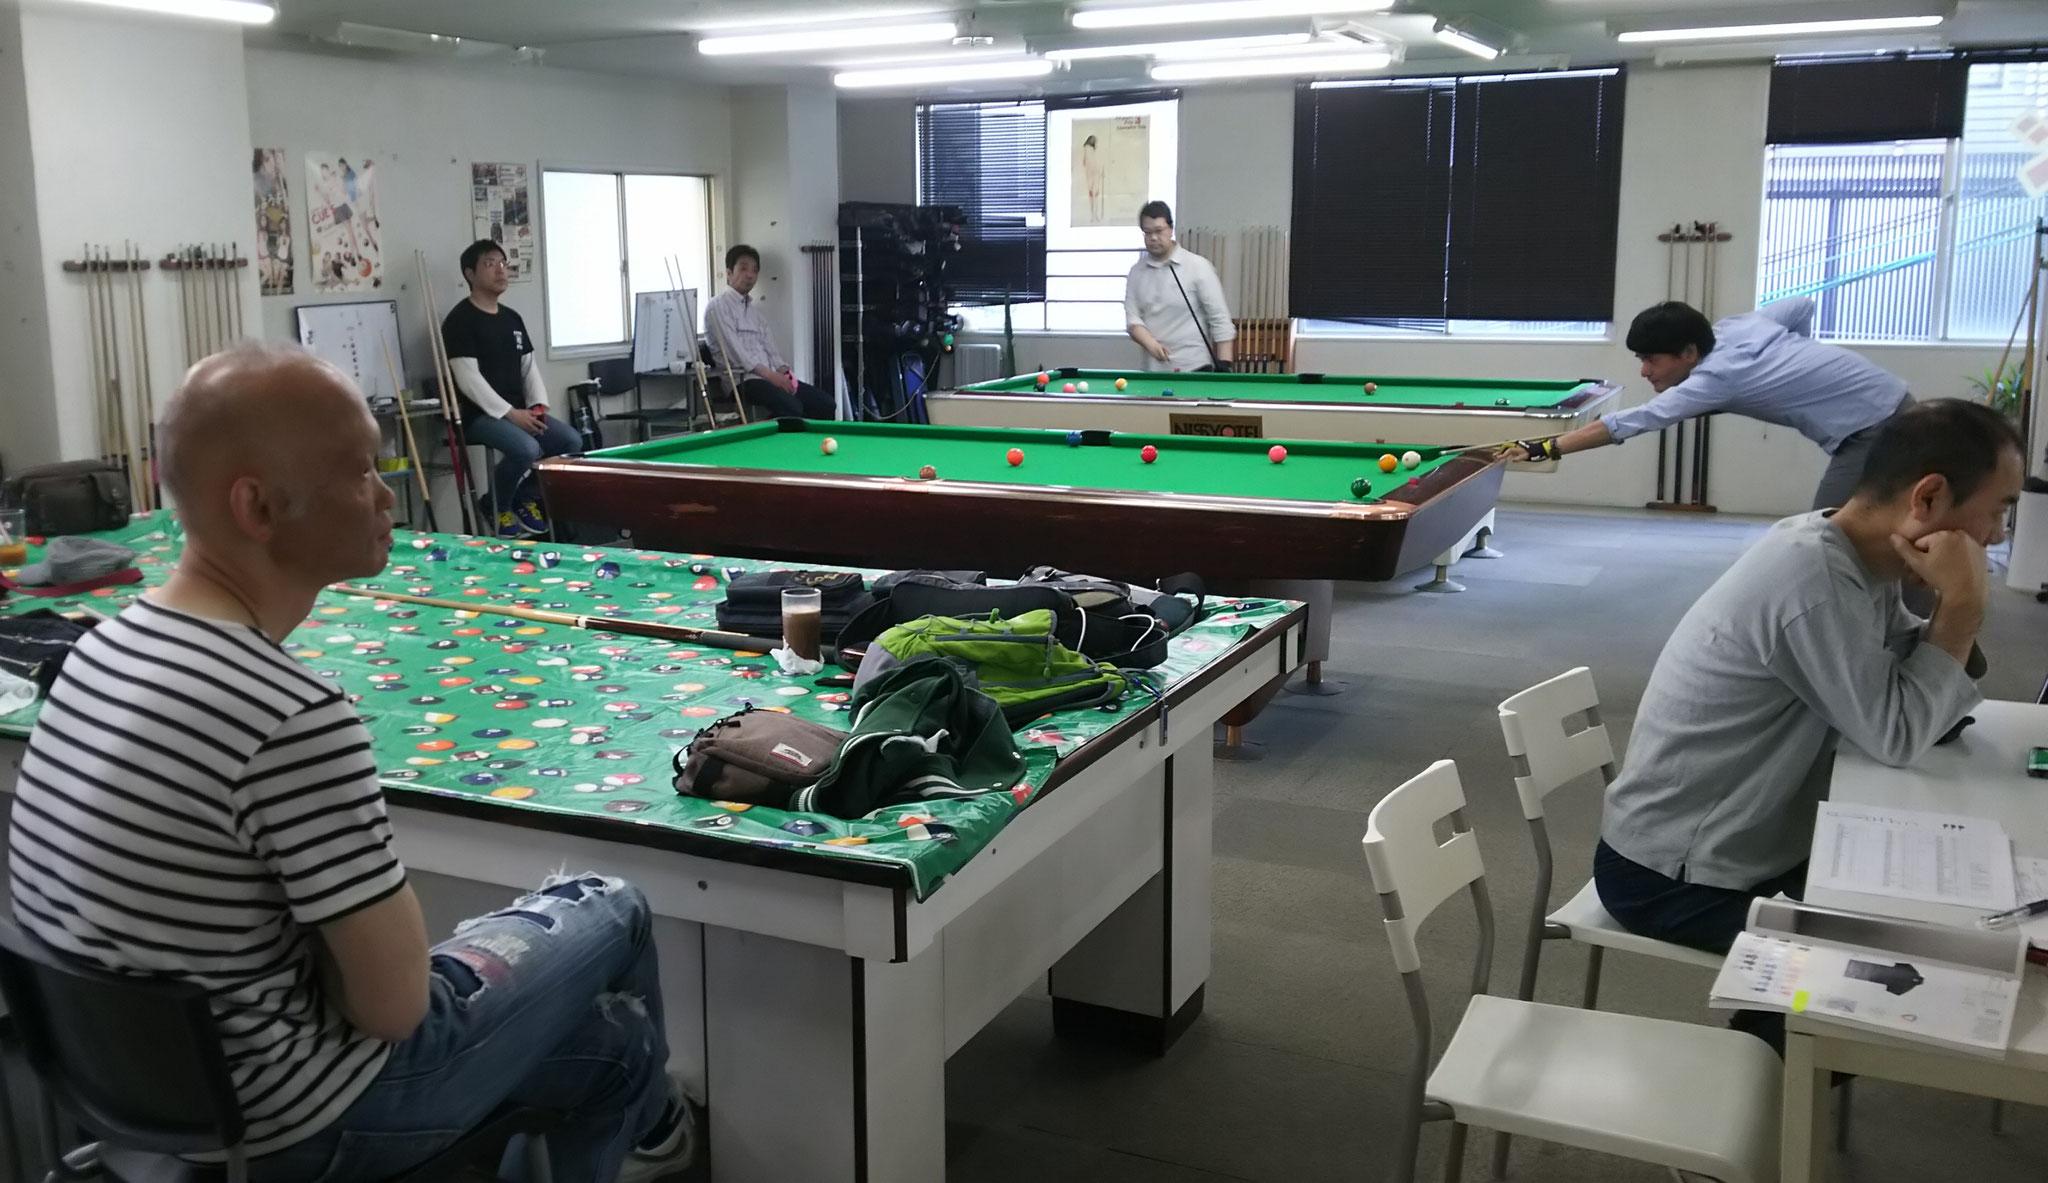 試合風景。とみさんは運営も手伝ってくれました。